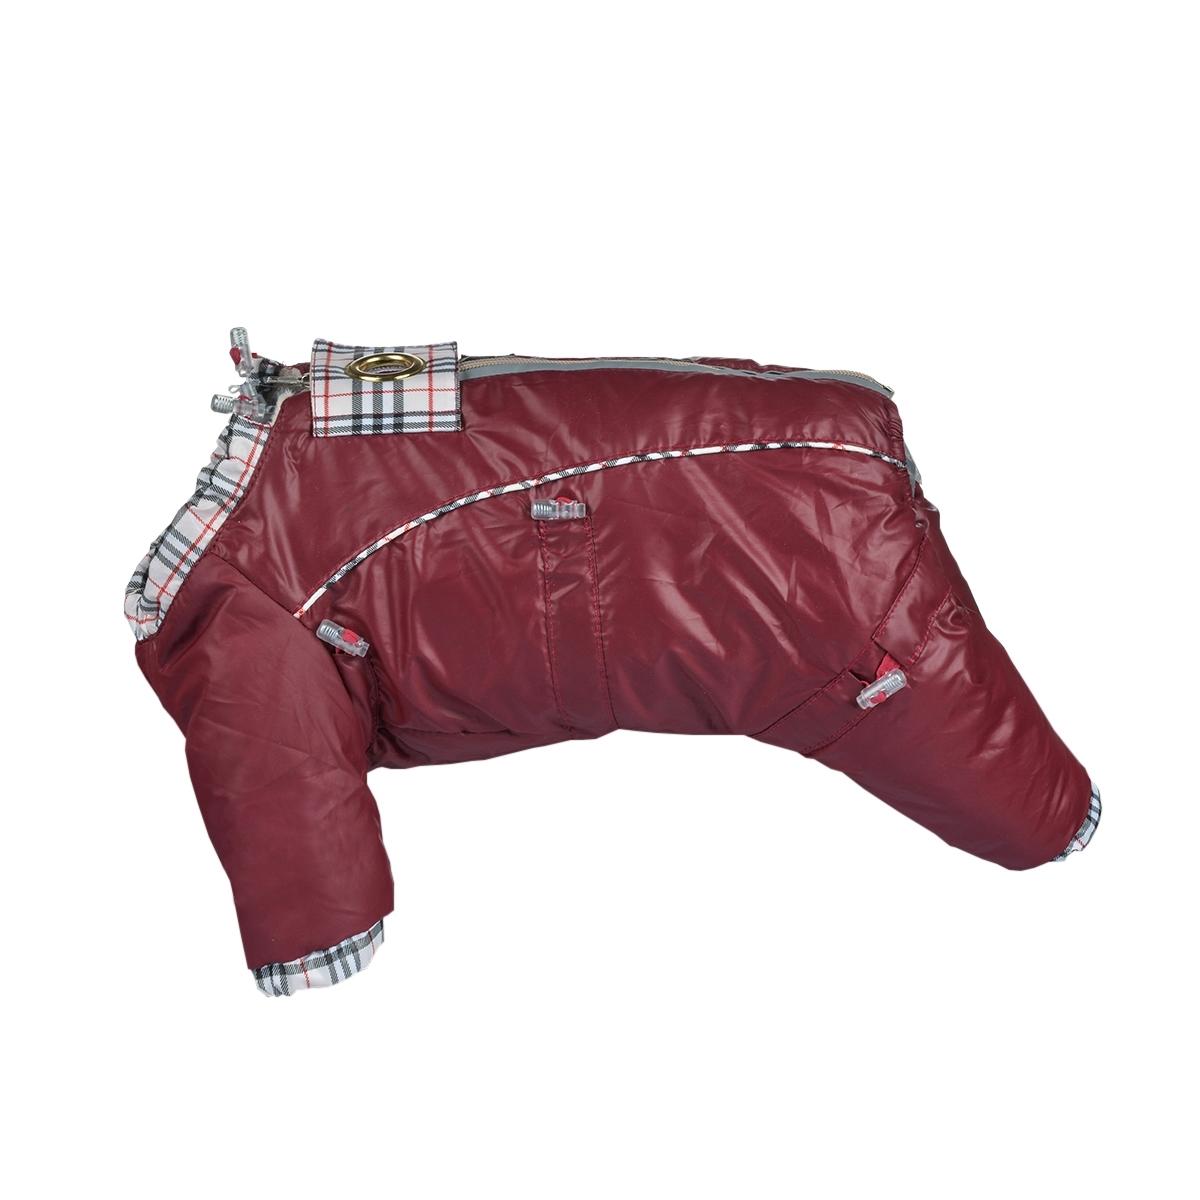 Комбинезон для собак Dogmoda Doggs, для девочки, цвет: бордовый. Размер LDM-140519Комбинезон для собак Dogmoda Doggs отлично подойдет для прогулок в прохладную погоду. Комбинезон изготовлен из полиэстера, защищающего от ветра и осадков, а на подкладке используется вискоза, которая обеспечивает отличный воздухообмен. Комбинезон застегивается на молнию и липучку, благодаря чему его легко надевать и снимать. Молния снабжена светоотражающими элементами. Низ рукавов и брючин оснащен внутренними резинками, которые мягко обхватывают лапки, не позволяя просачиваться холодному воздуху. На вороте, пояснице и лапках комбинезон затягивается на шнурок-кулиску с затяжкой. Модель снабжена непромокаемым карманом для размещения записки с информацией о вашем питомце, на случай если он потеряется. Благодаря такому комбинезону простуда не грозит вашему питомцу.